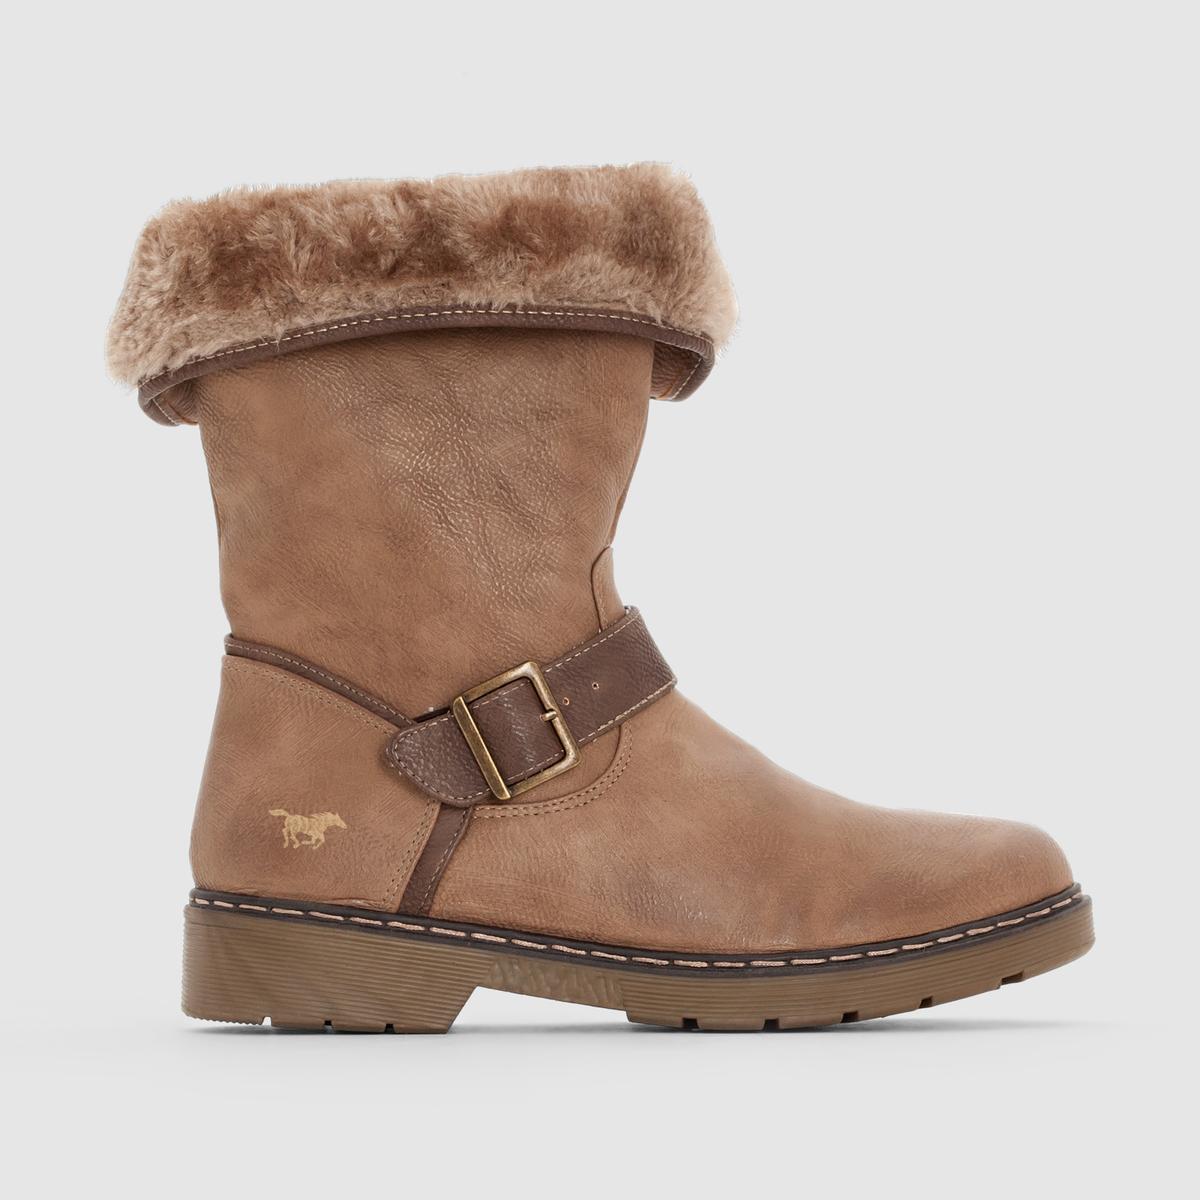 Ботильоны на каблуке 1199603Подкладка: хлопок  Стелька: хлопок Подошва: каучук. Высота каблука: 7 смВысота голенища: 8 см Форма каблука: среднийМысок: закругленныйЗастежка: на молнии<br><br>Цвет: серо-коричневый<br>Размер: 40